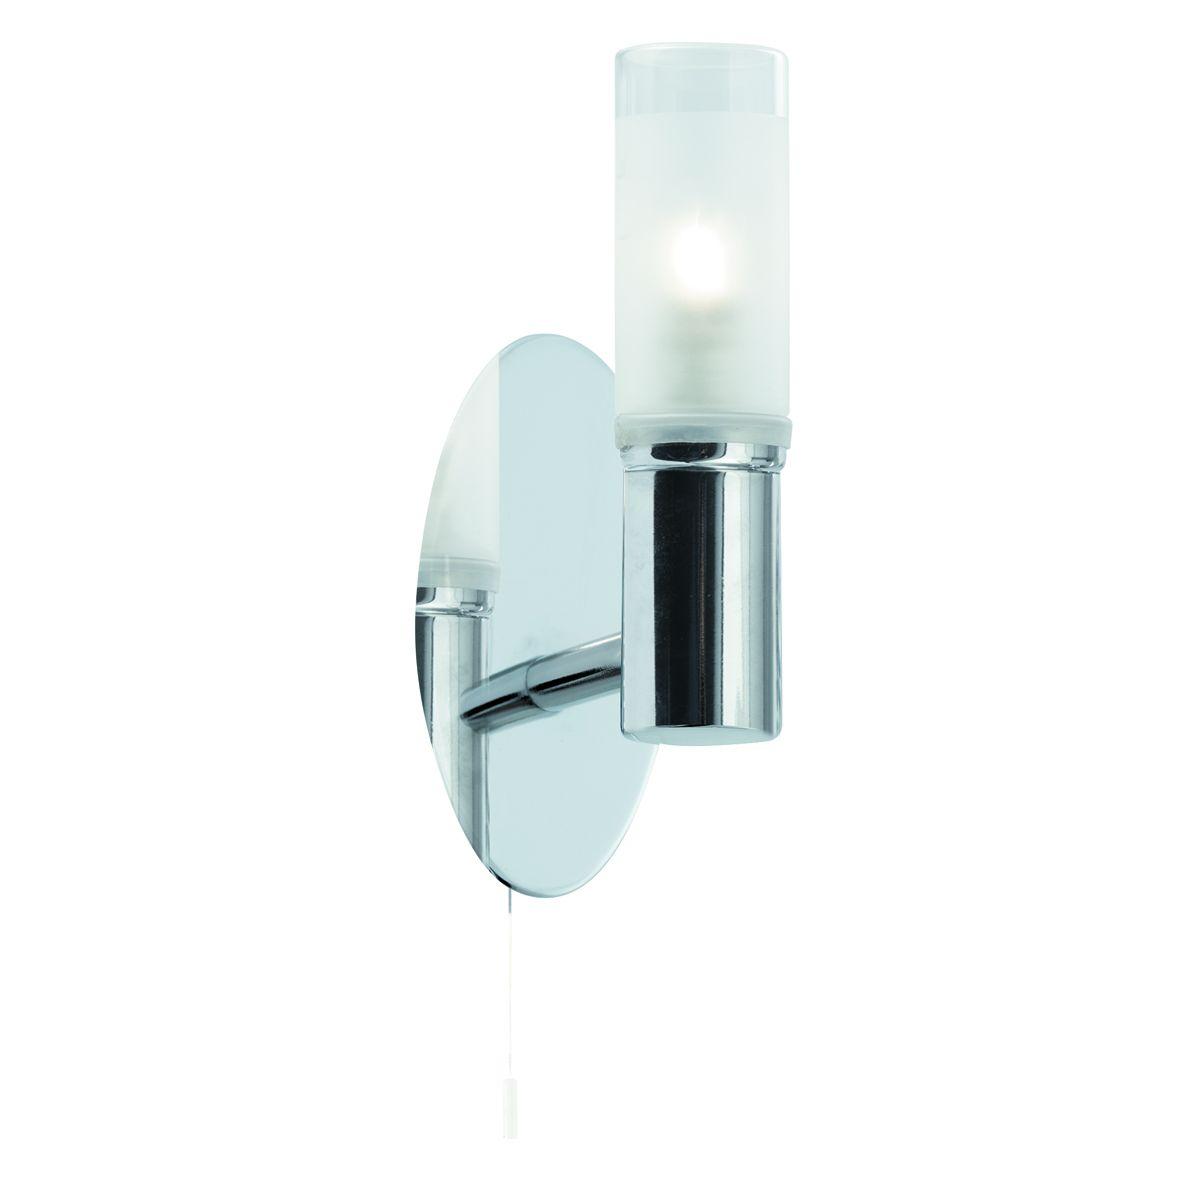 Searchlight Koupelnové světlo nástěnné 1651CC s vypínačem